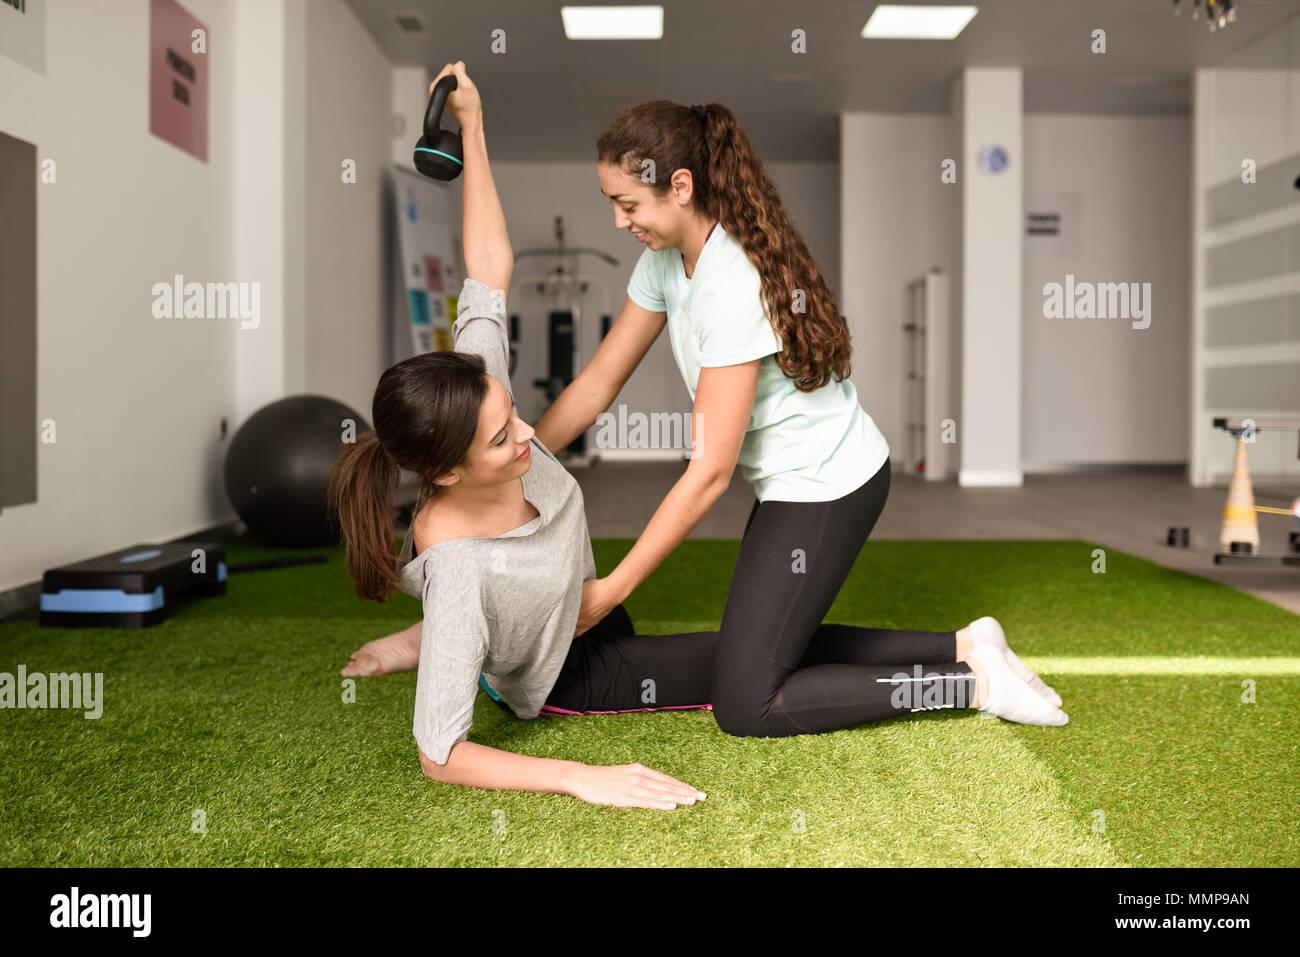 Thérapeute physique aide les jeunes caucasian woman avec exercice avec haltère au cours de la réadaptation dans le gymnase de l'hôpital. Physiothérapeute femelle tr Banque D'Images